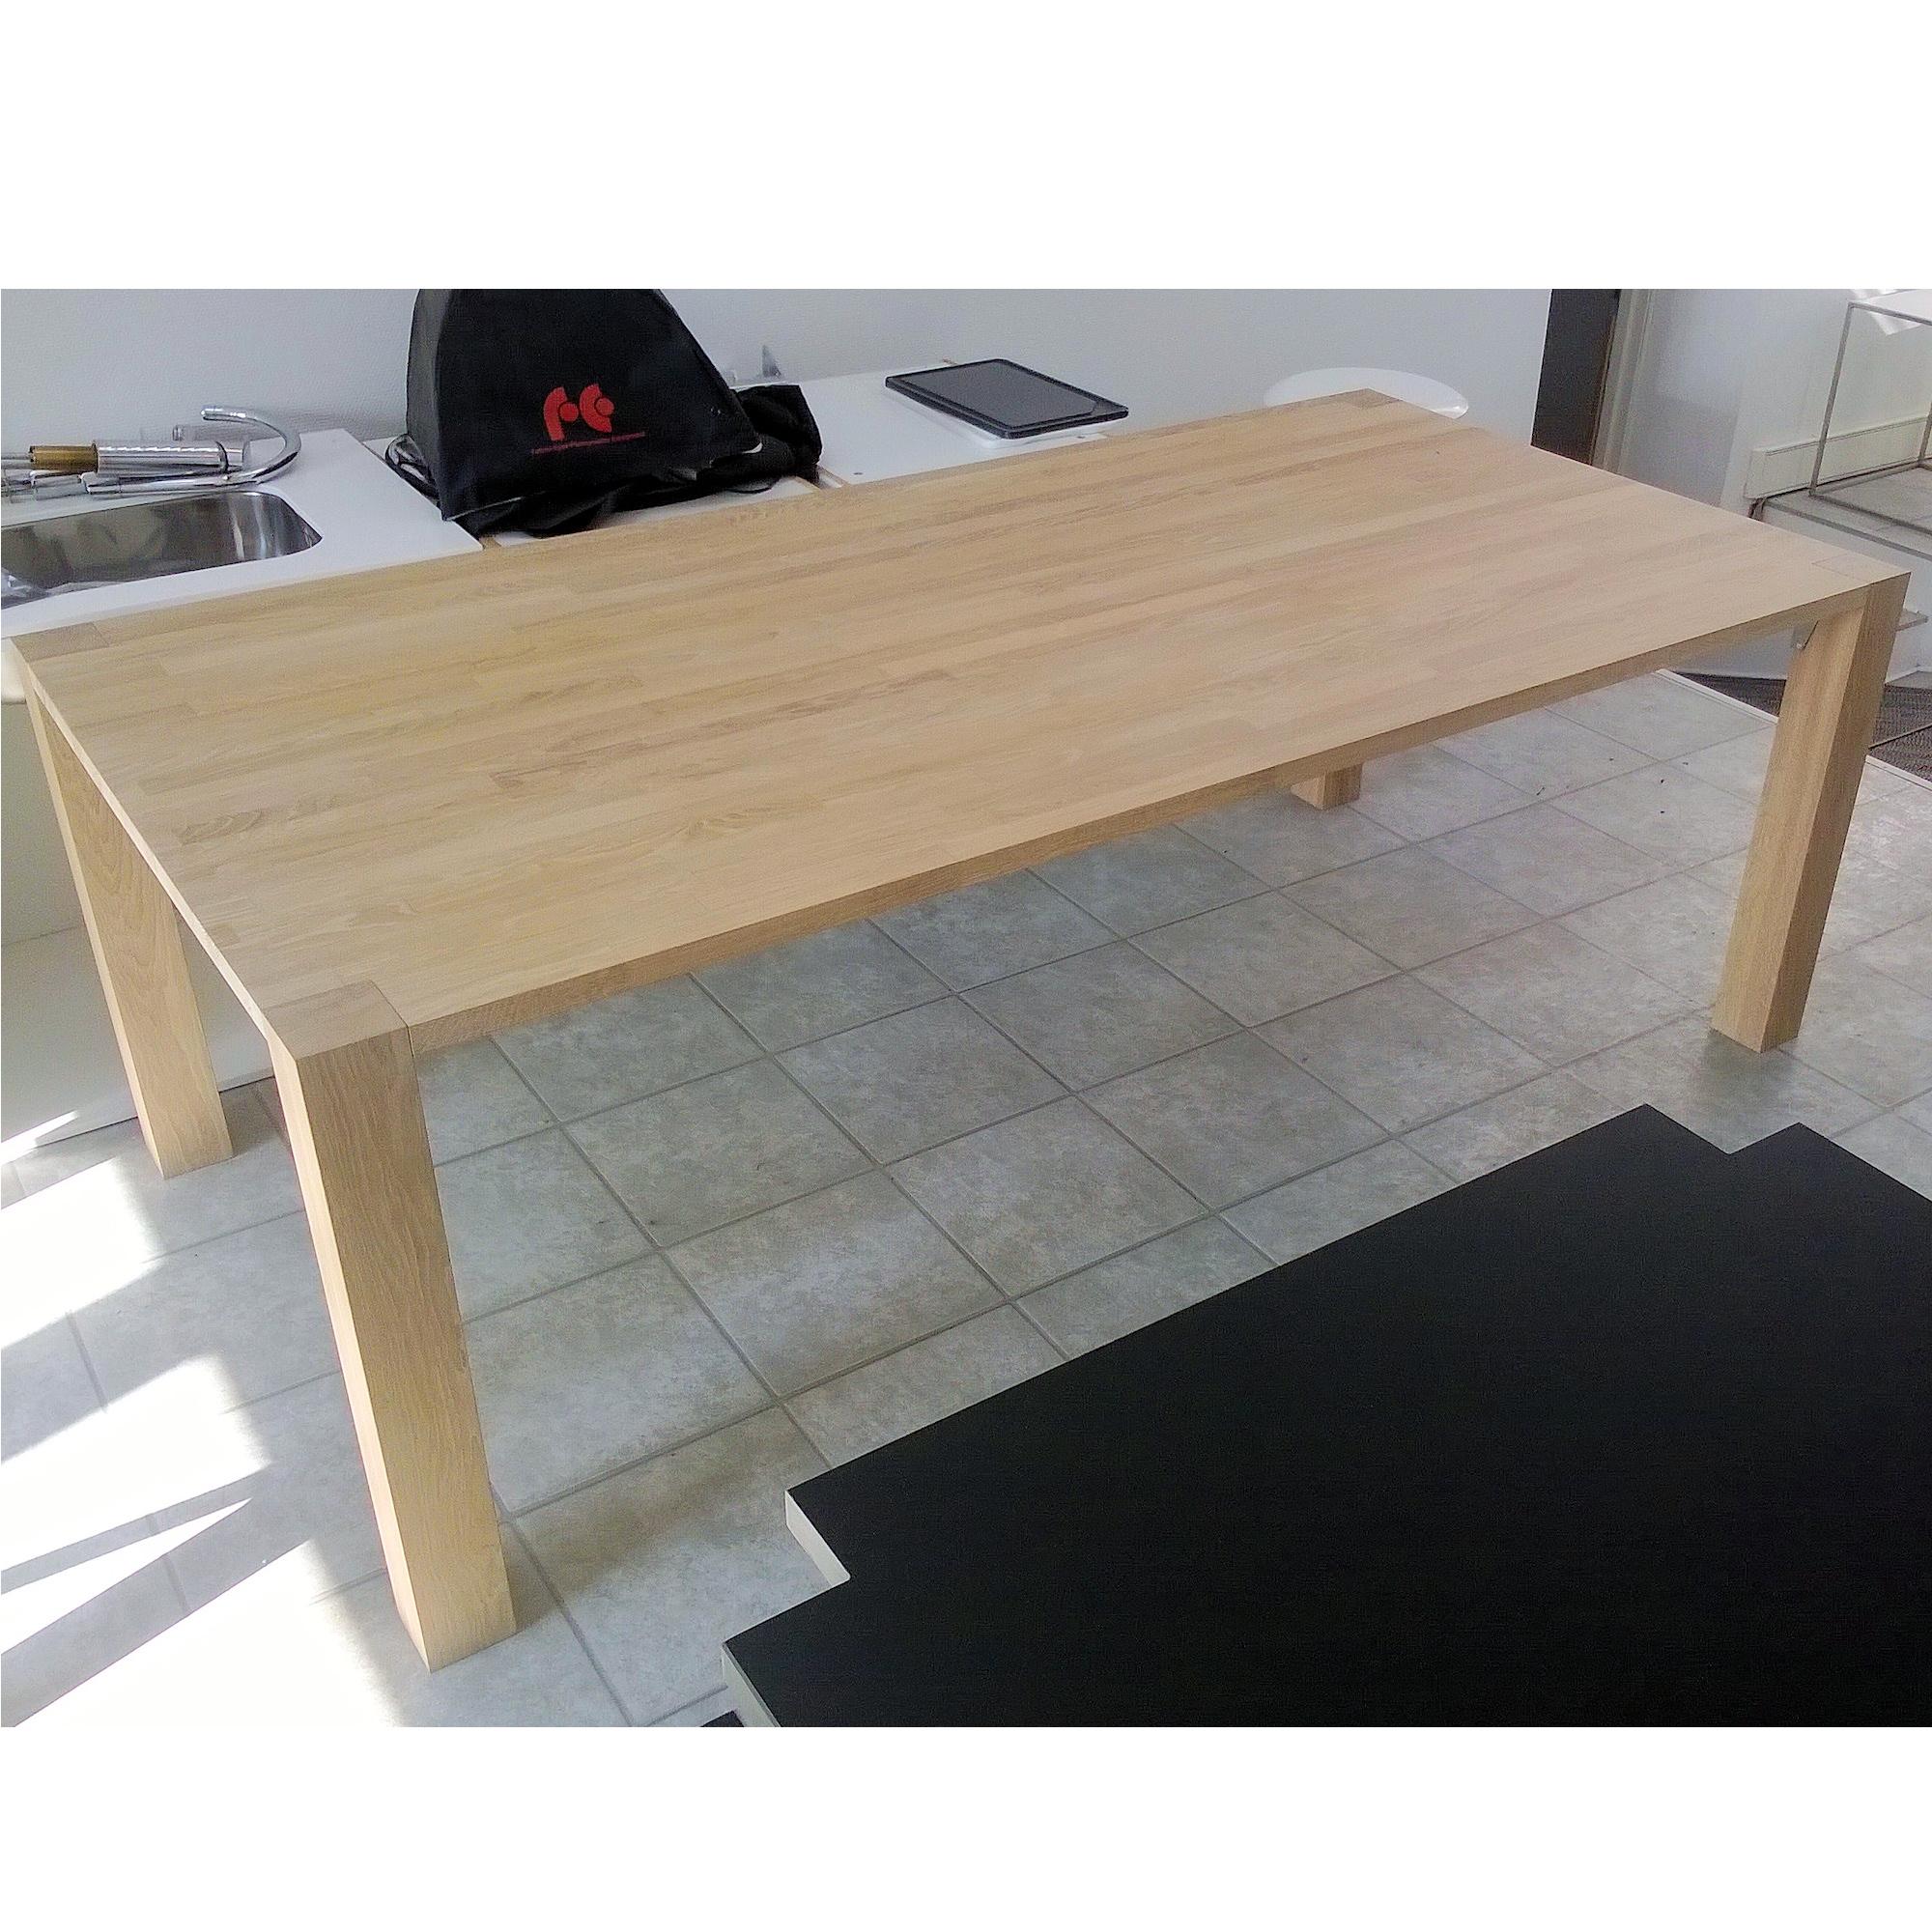 SOLGT - Spisebord, Massivt egetræ 212 x 106 x 74cm - SOLGT